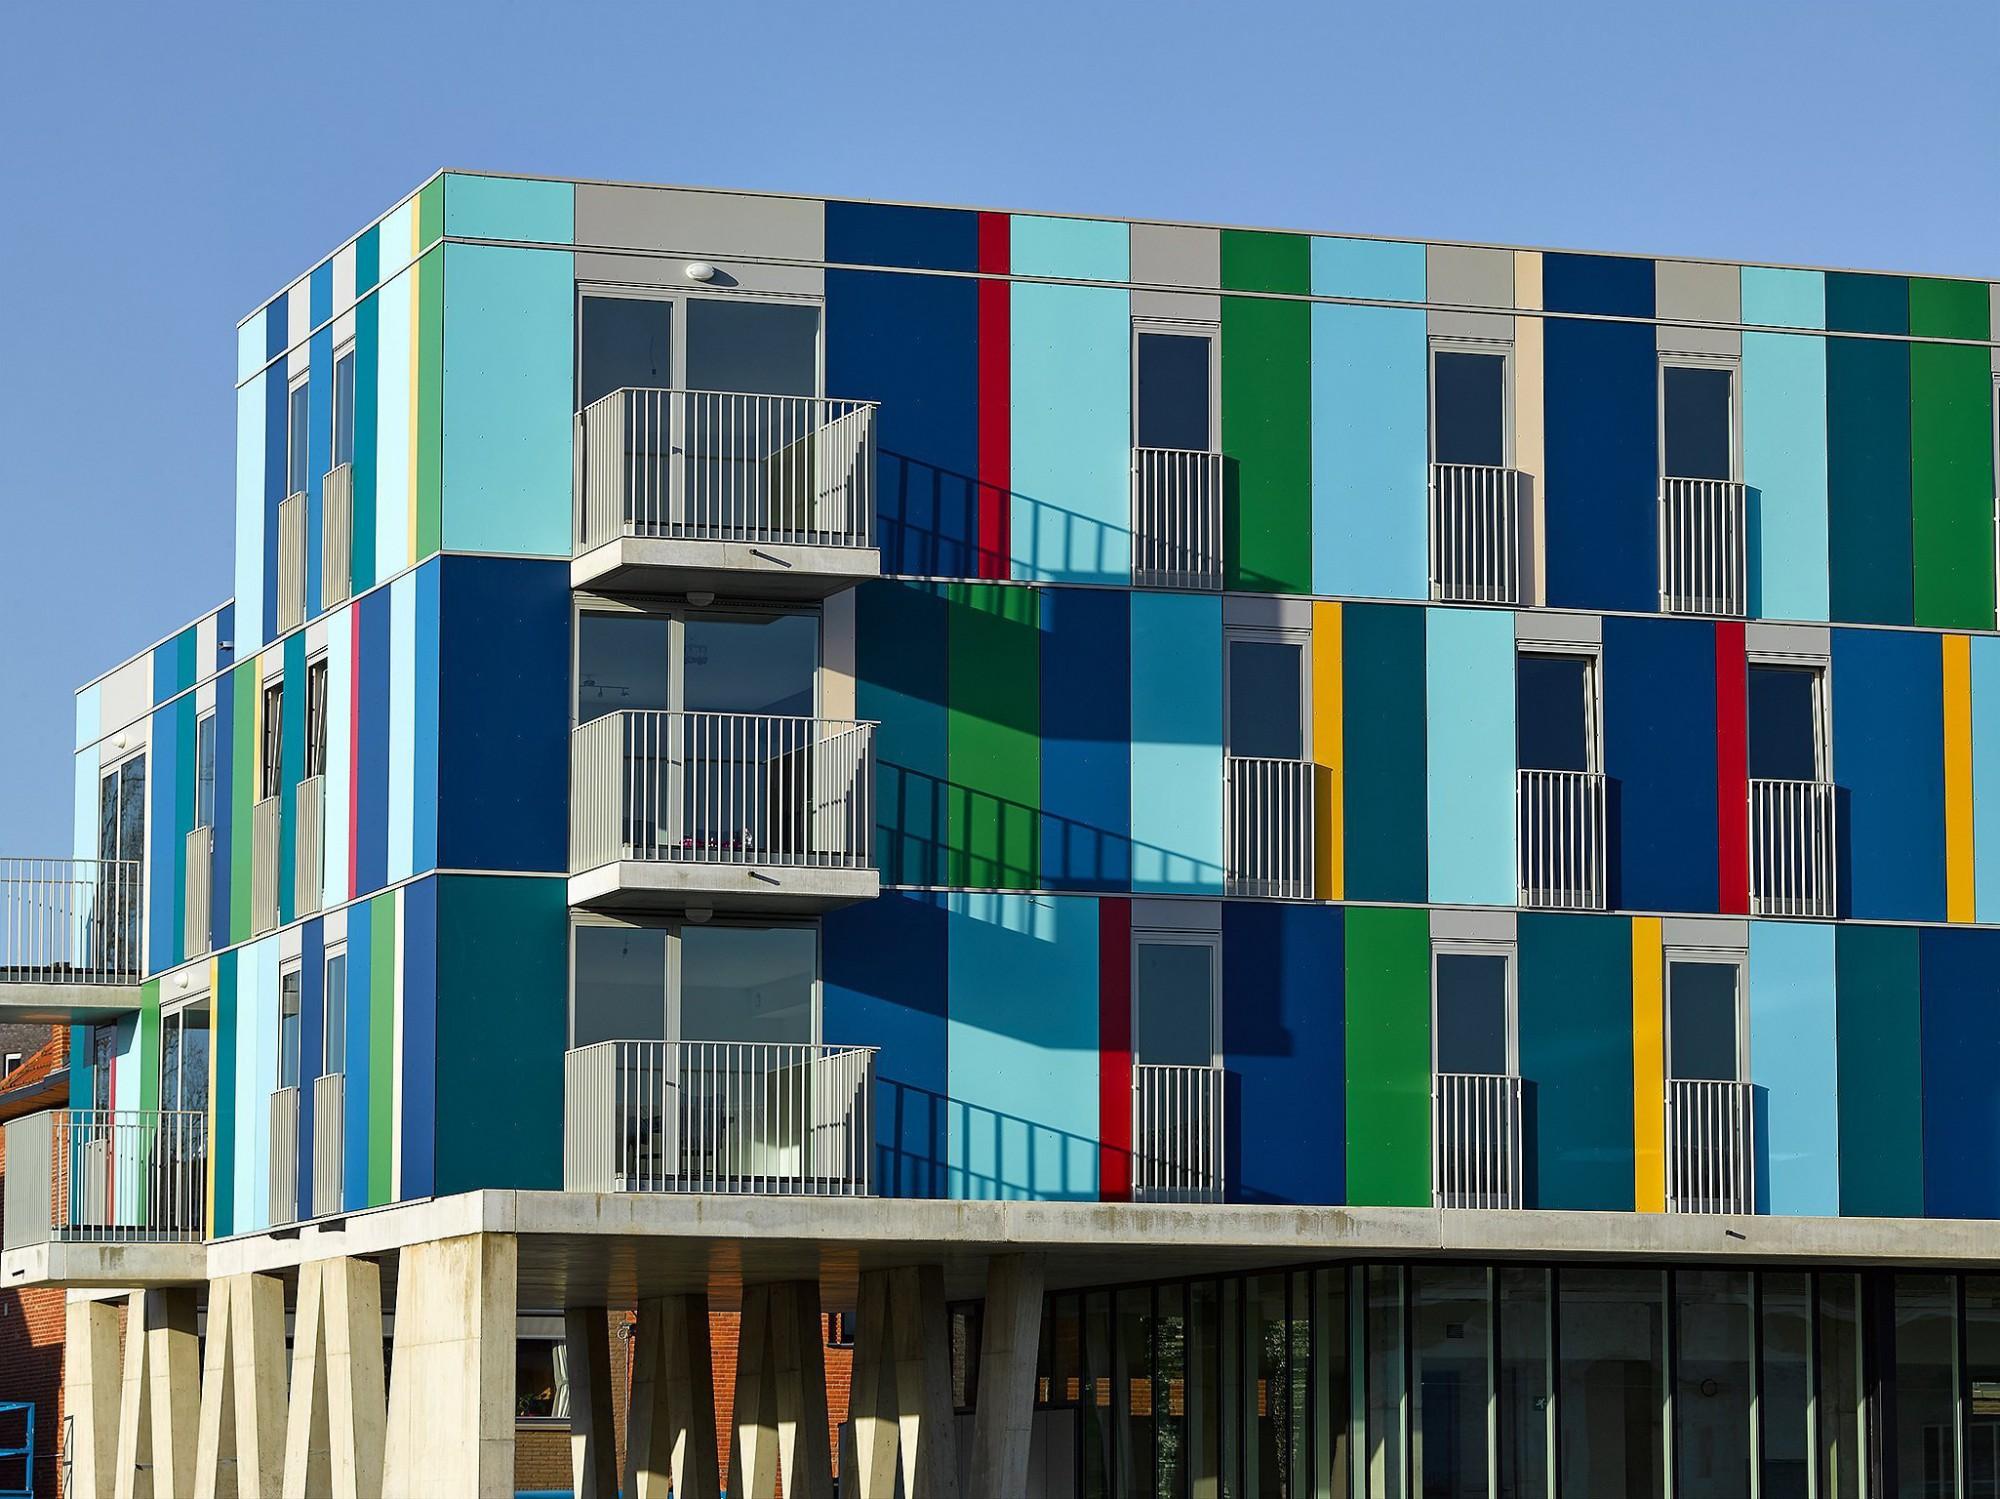 Afbeelding: Architectuur fotografie van gebouwen, woningen over gans de Benelux.